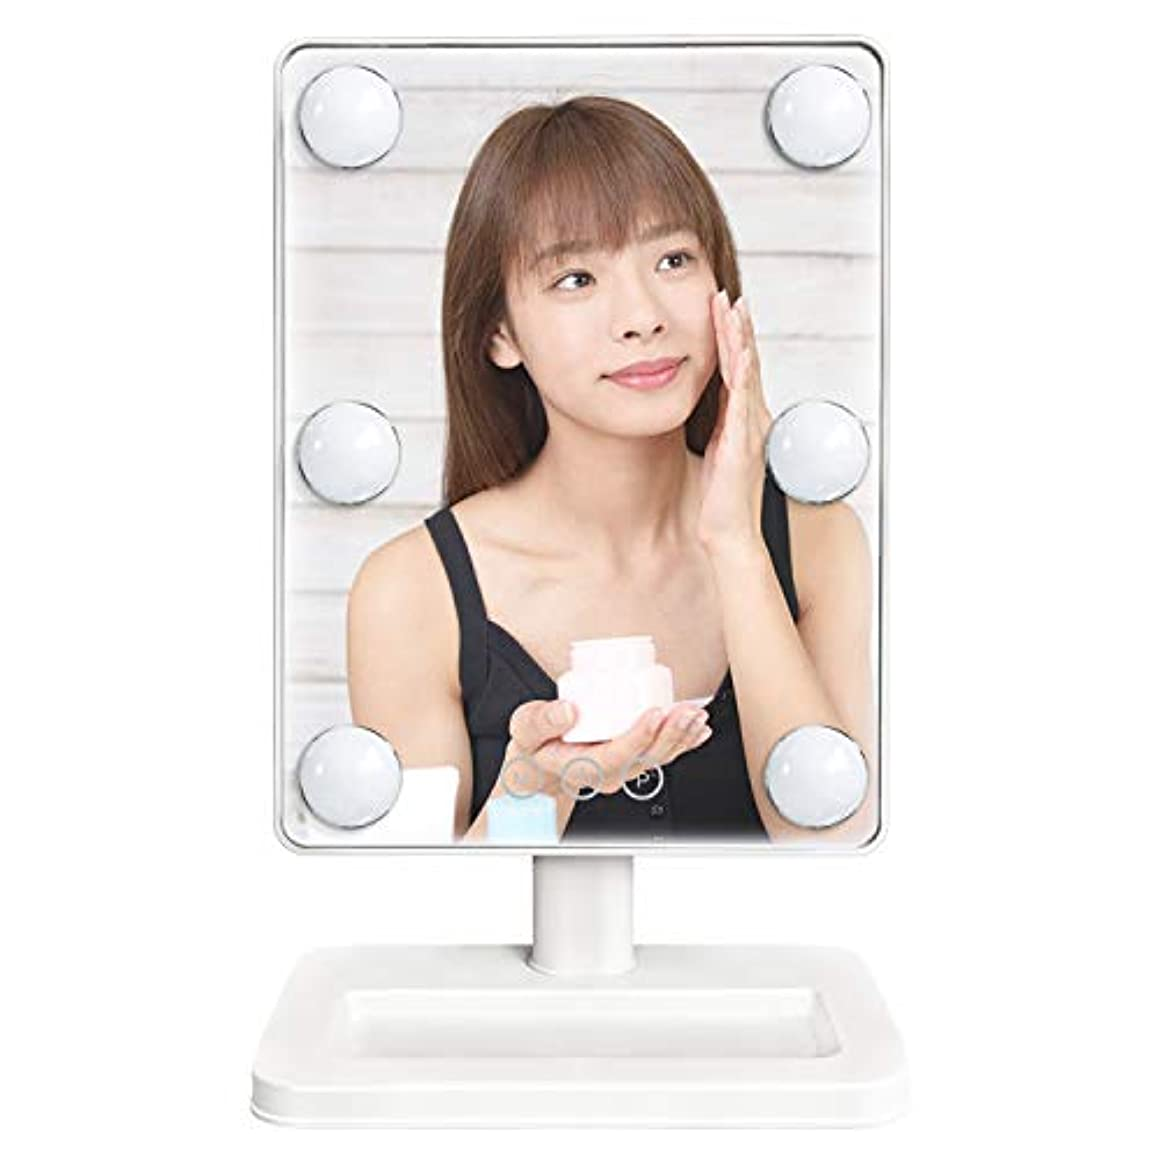 酸小川示す鏡 スタンドミラー 卓上ミラー led付き 女優ミラー 明るさ調節可能 電球が6個 化粧鏡 360°回転 3色調光ハリウッドミラー 電池&USB 2WAY給電 Luuhann (ホワイト)